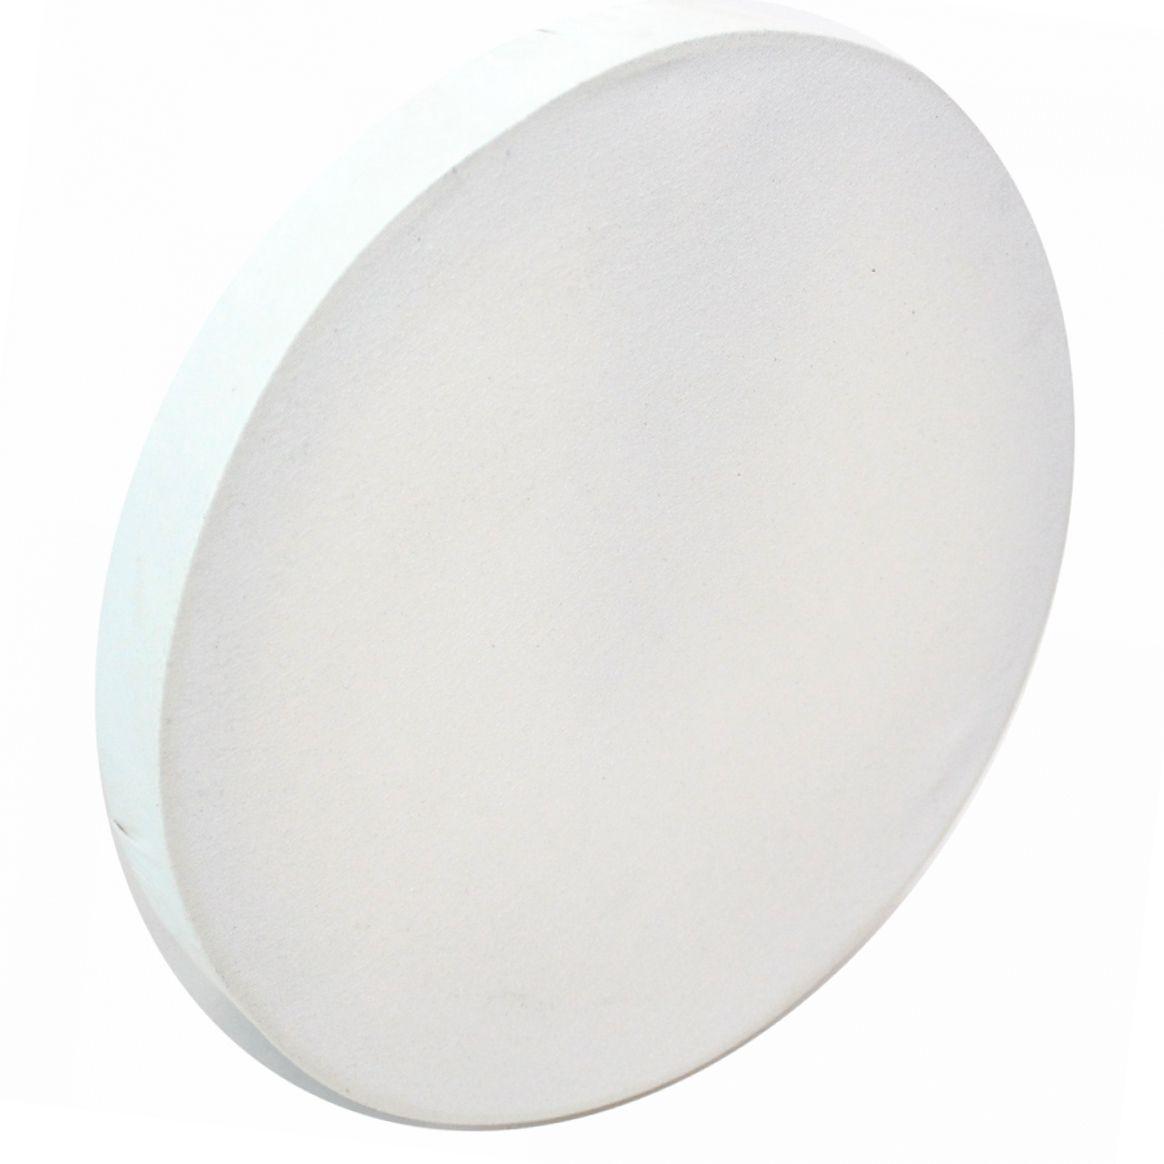 Tela redonda para pintura 30cm - São Francisco